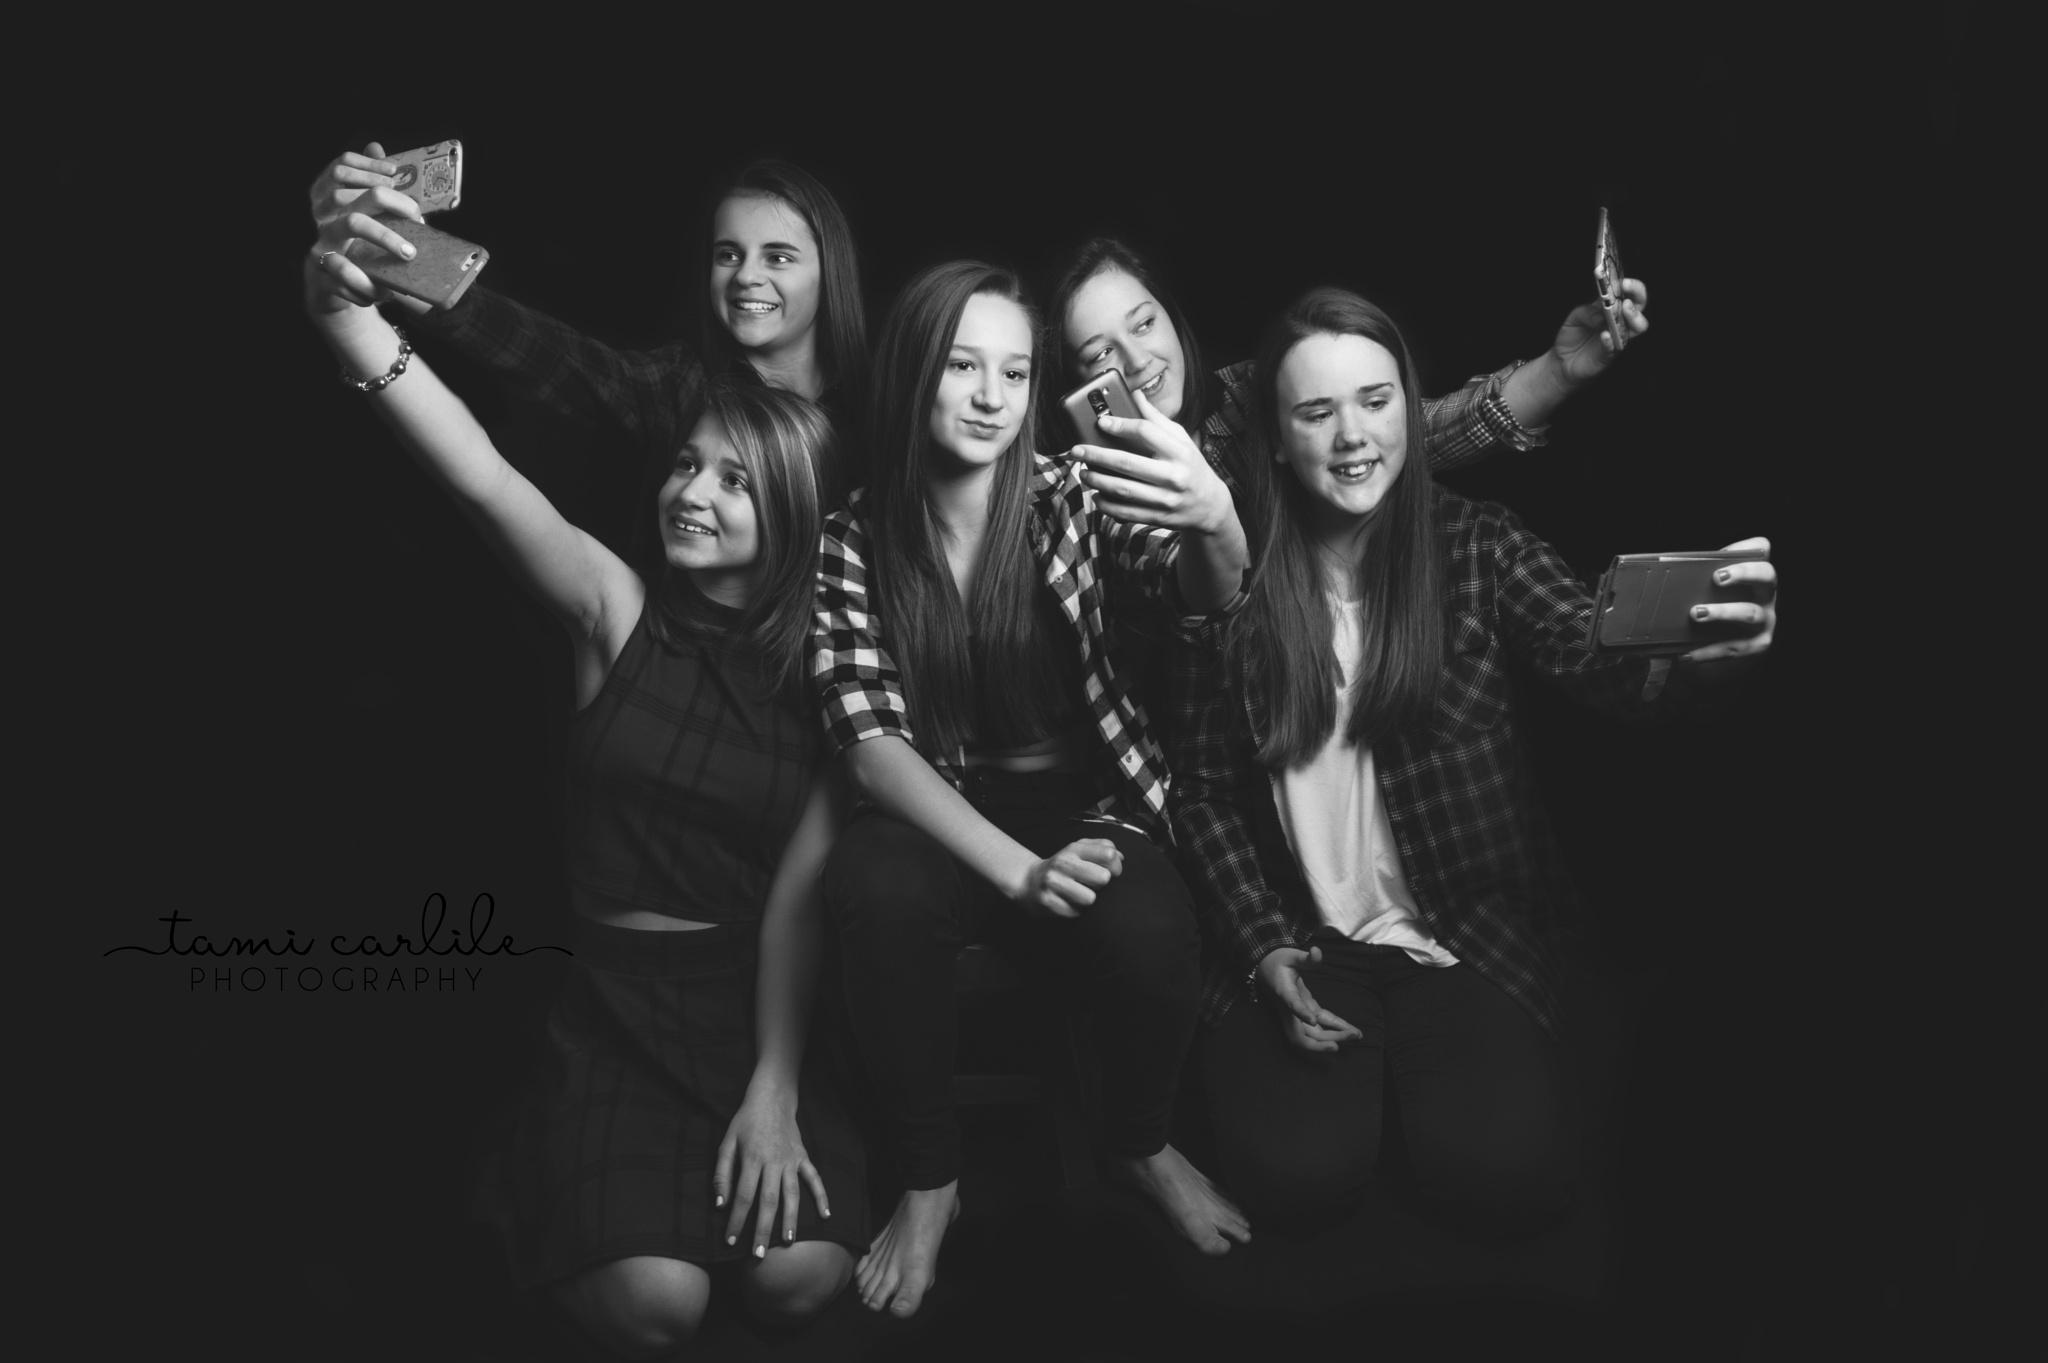 birthday selfies by tamara.james.75